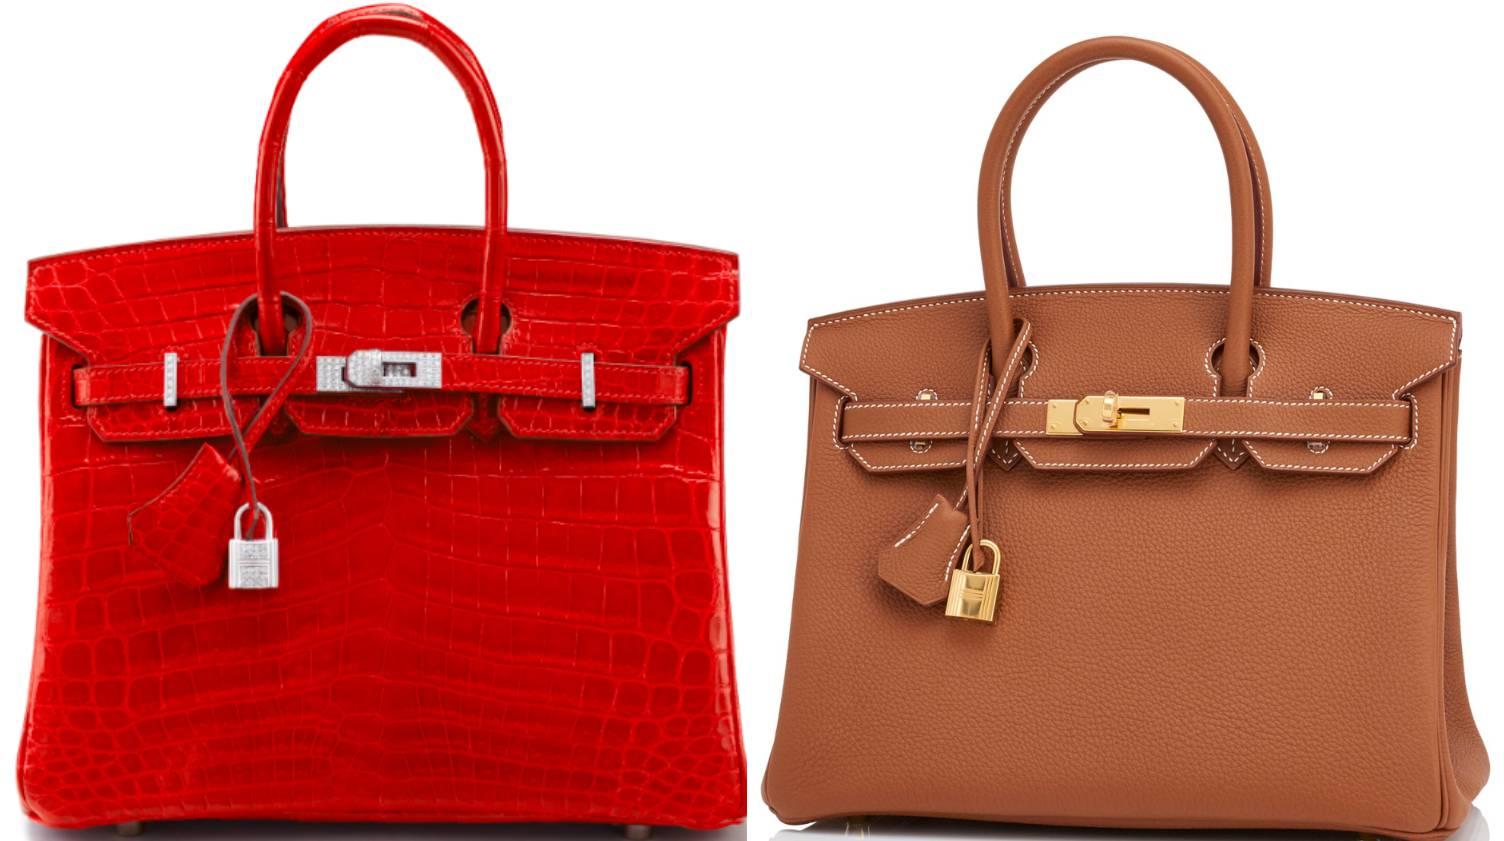 Prodavali kopije: Bivše osoblje modne kuće Hermès optuženo za izradu fejk Birkinica